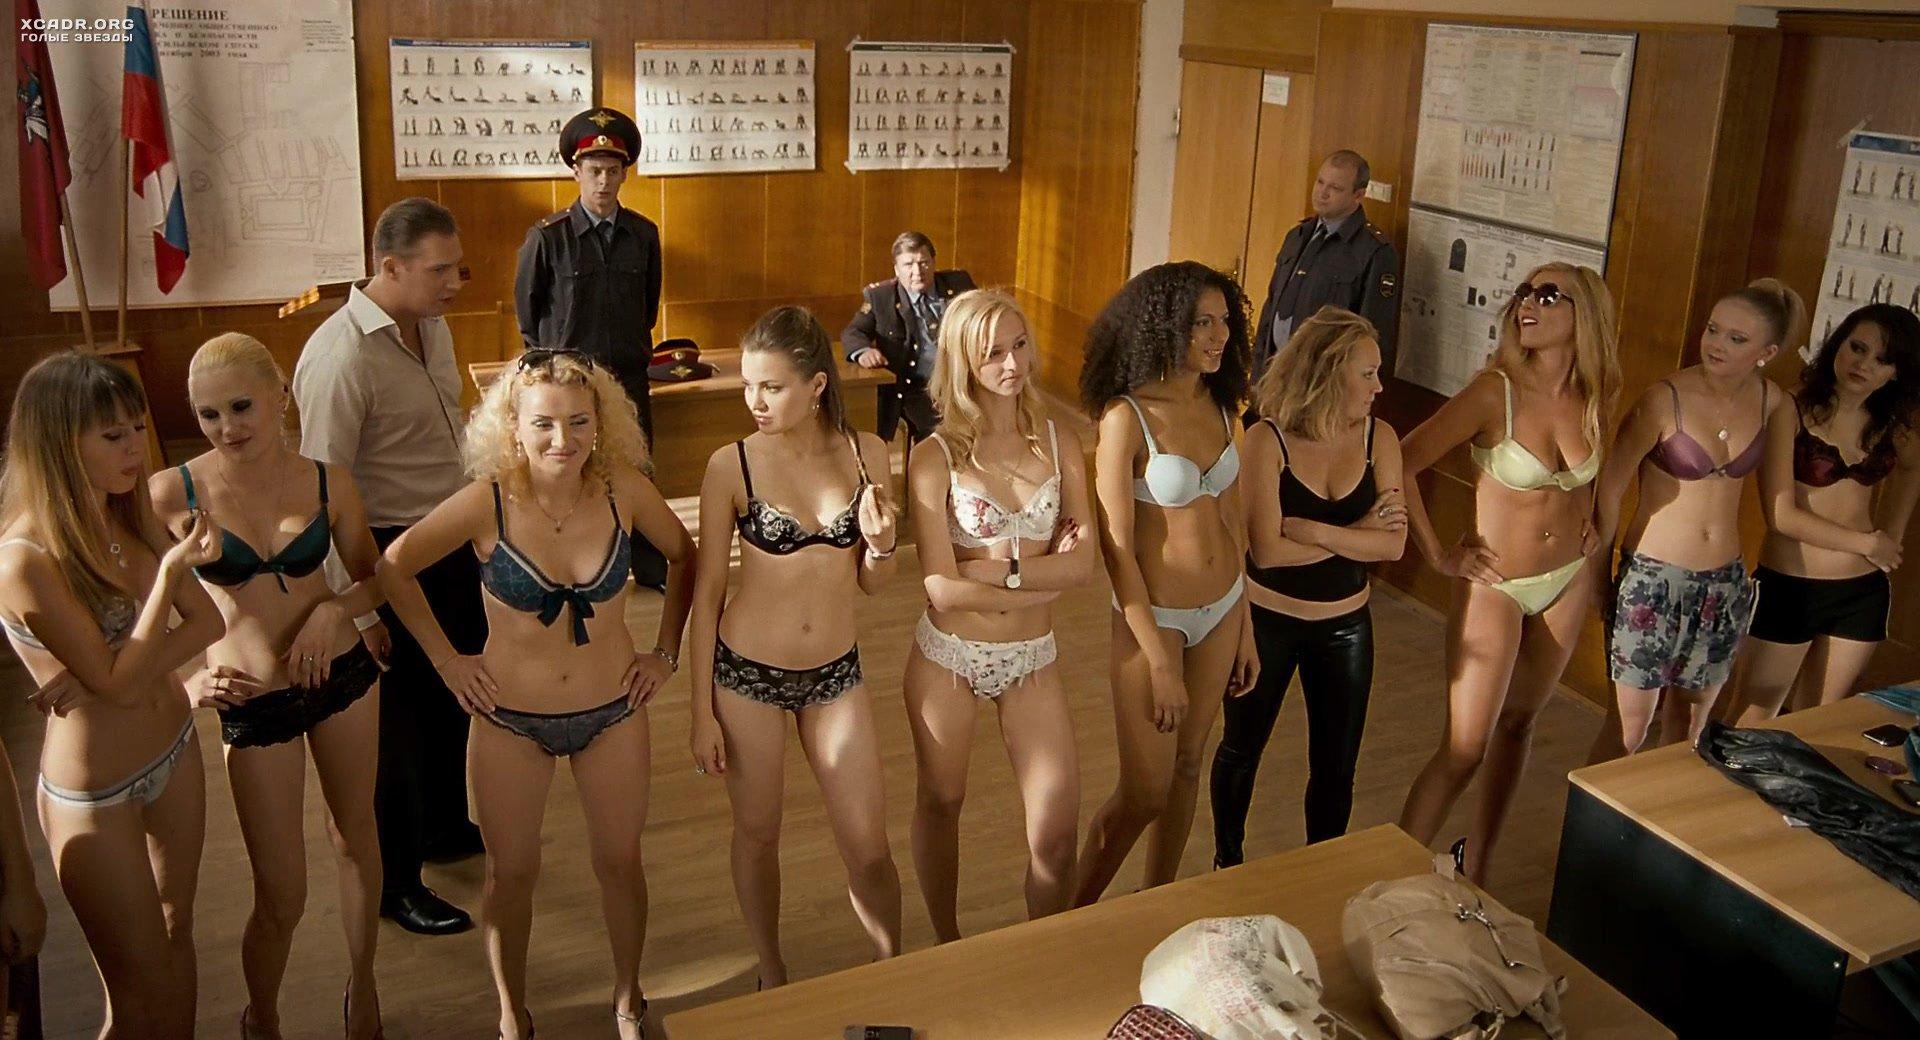 Проститутки И Мошенницы На Осмотре В Милиции – Бабло (2011)